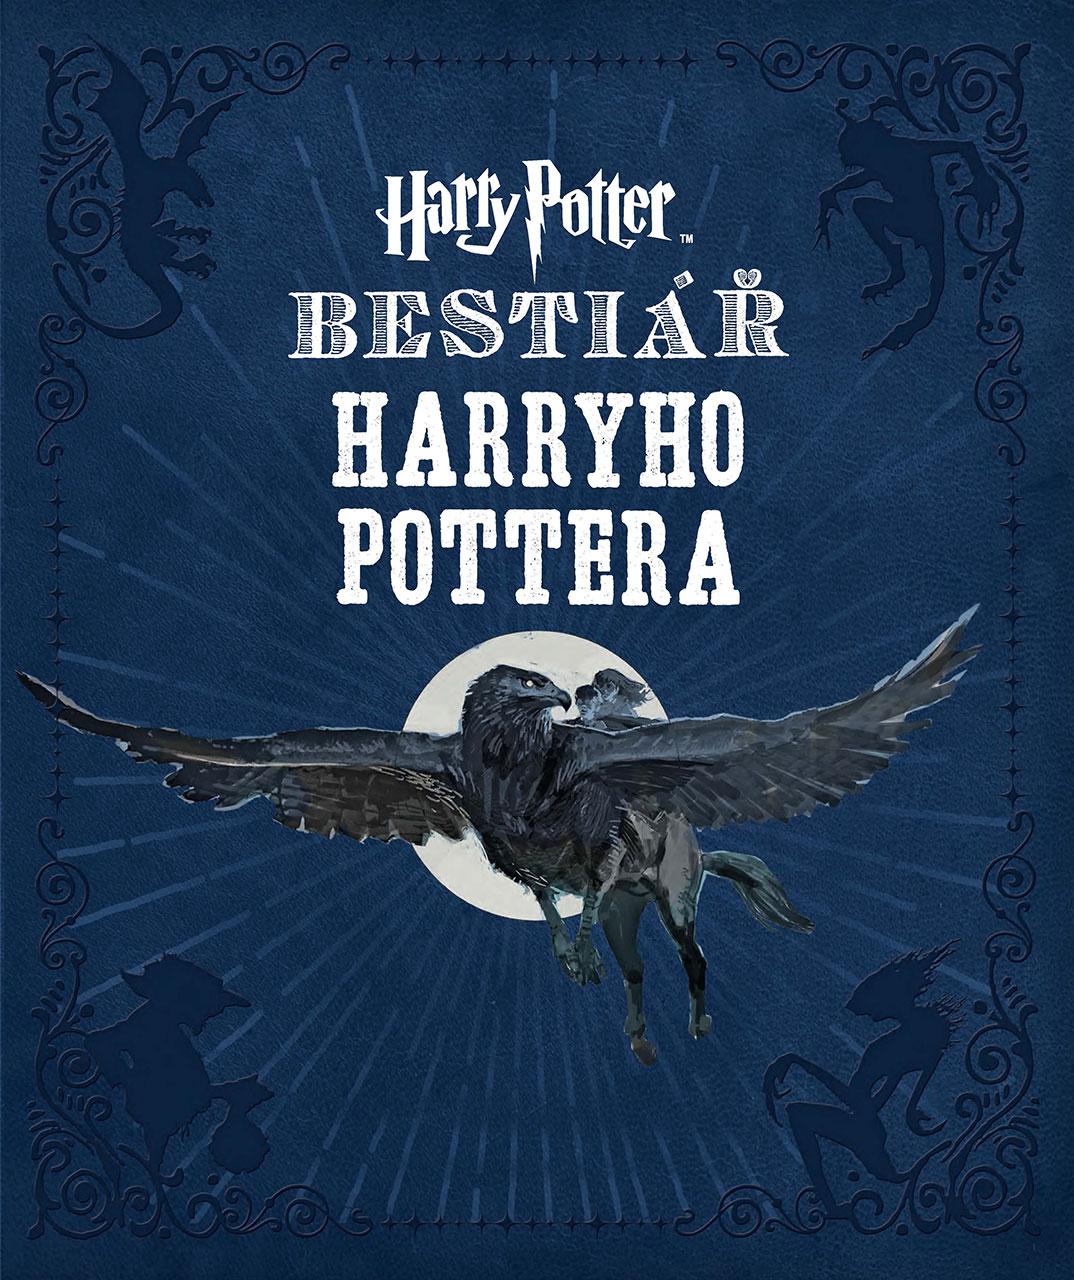 Výsledek obrázku pro harry potter bestiář